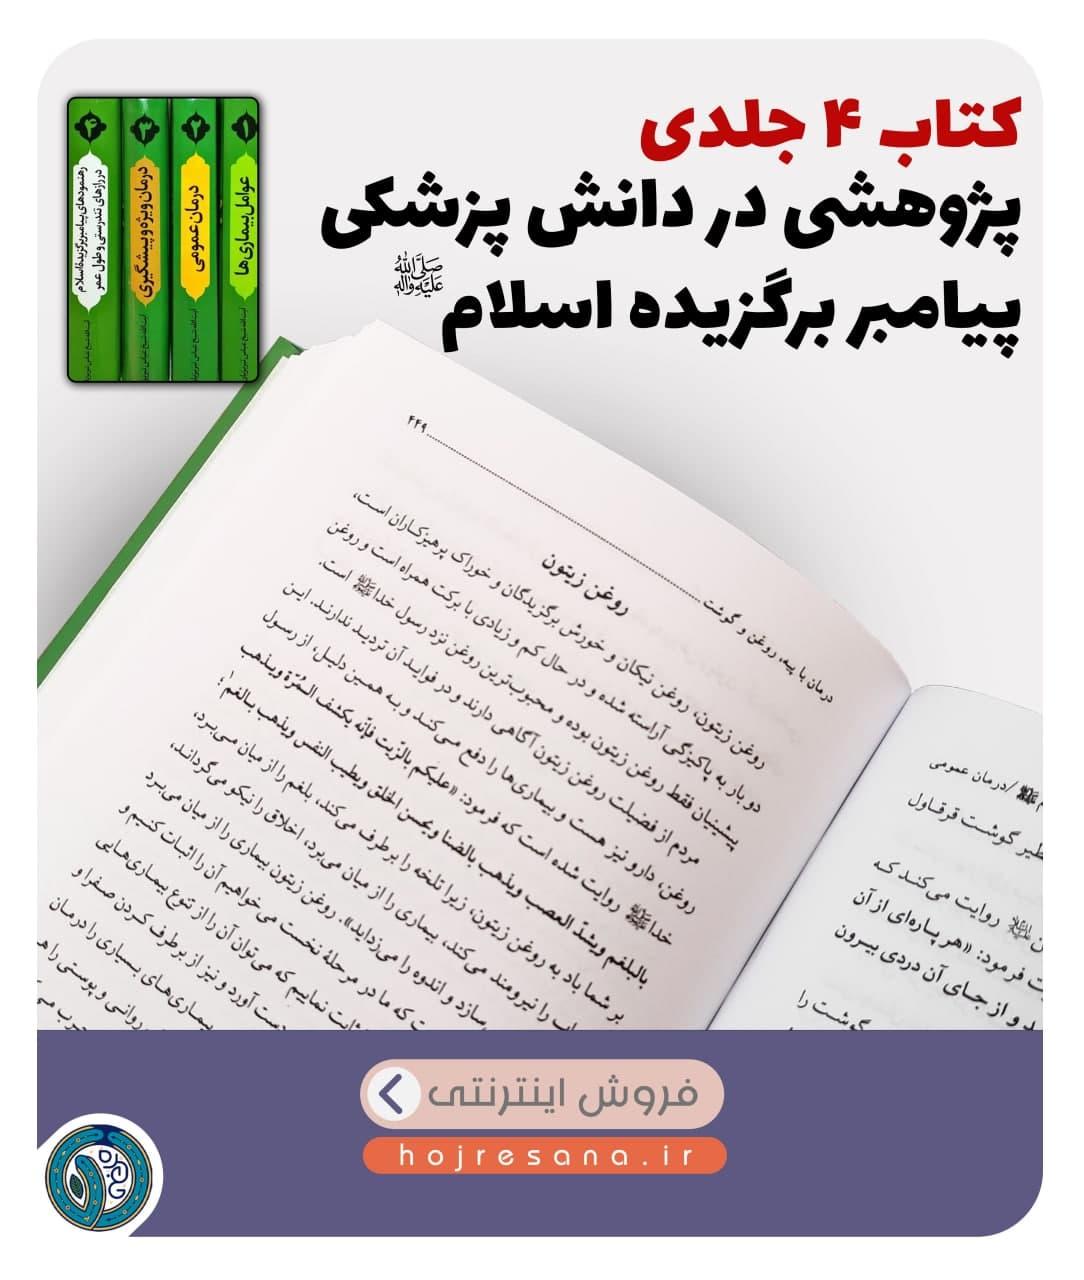 کتاب پژوهشی در دانش پزشکی پیامبر برگزیده پیامبر اسلام